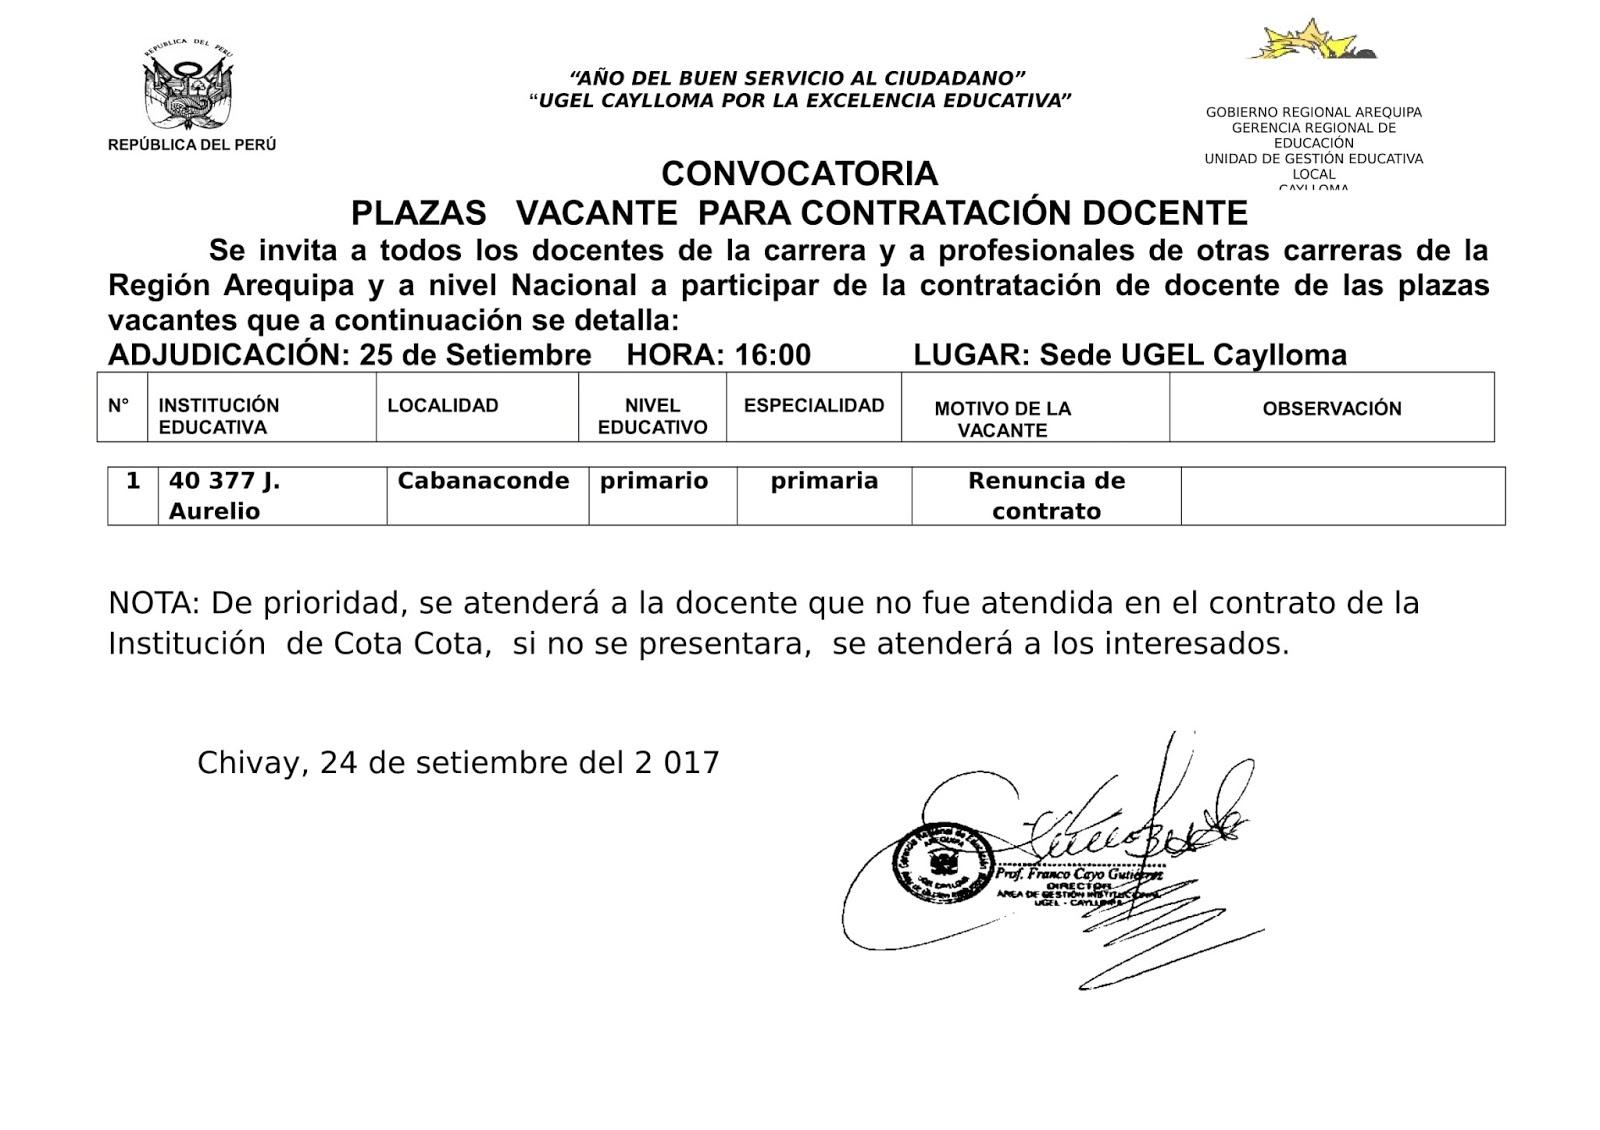 Convocatoria de contrataci n docente cabanaconde ugel for Convocatoria docente